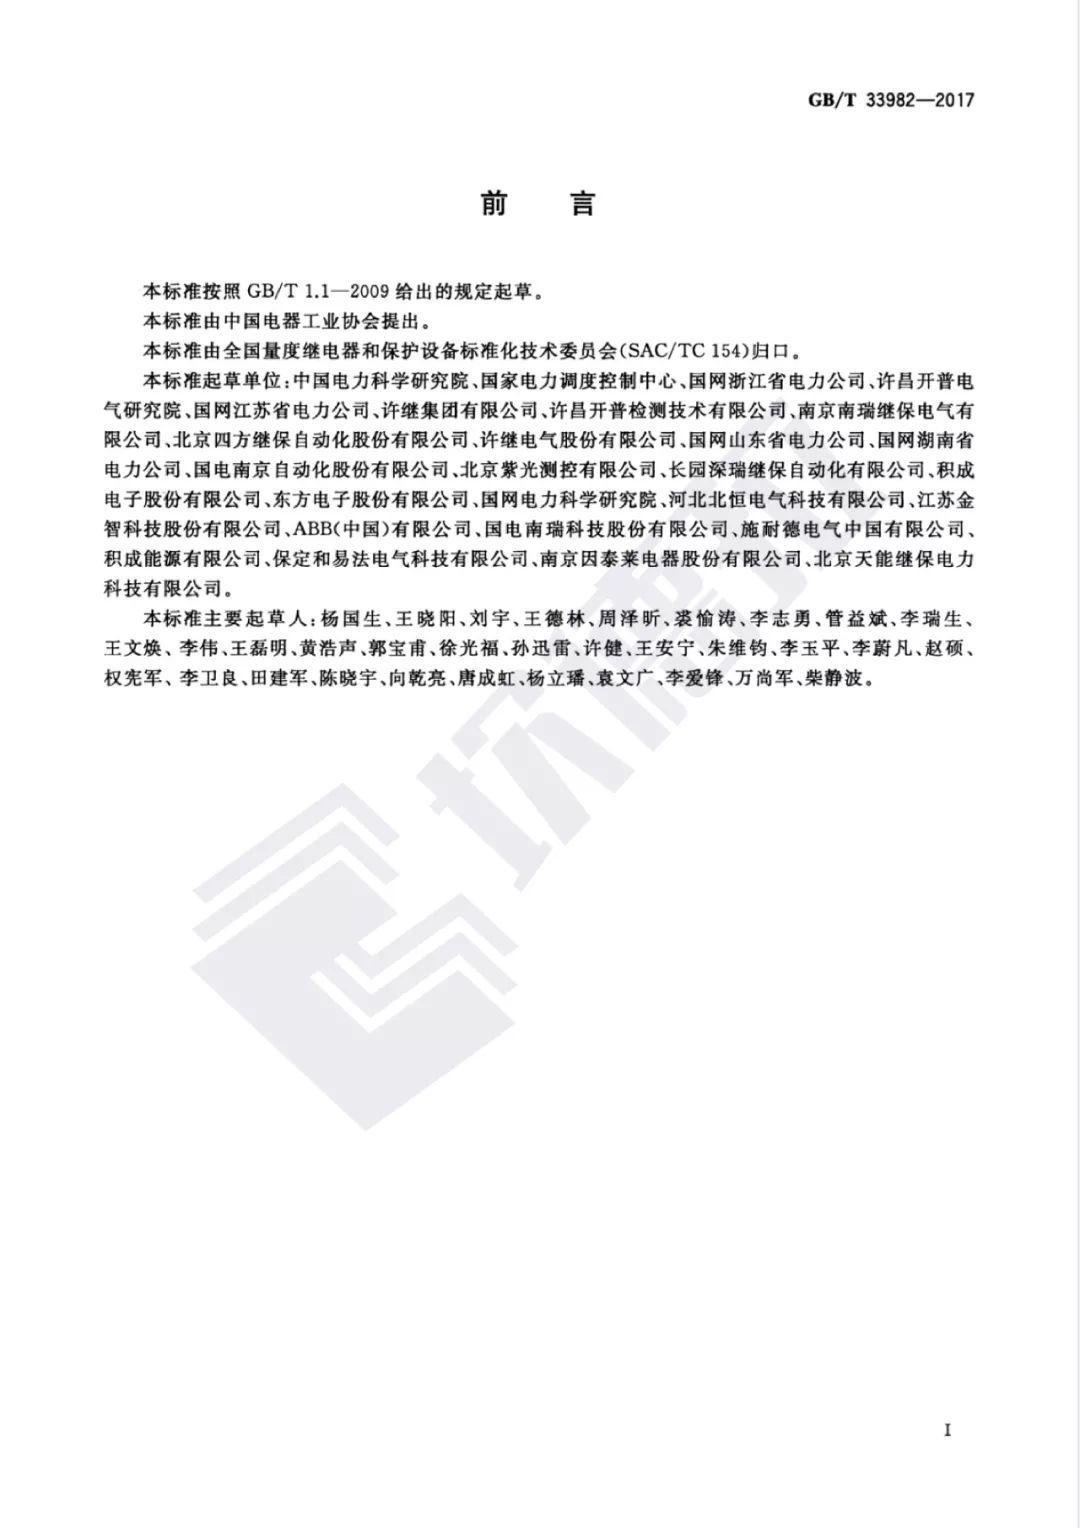 【规范图书馆】分布式电源并网继电保护技术规范